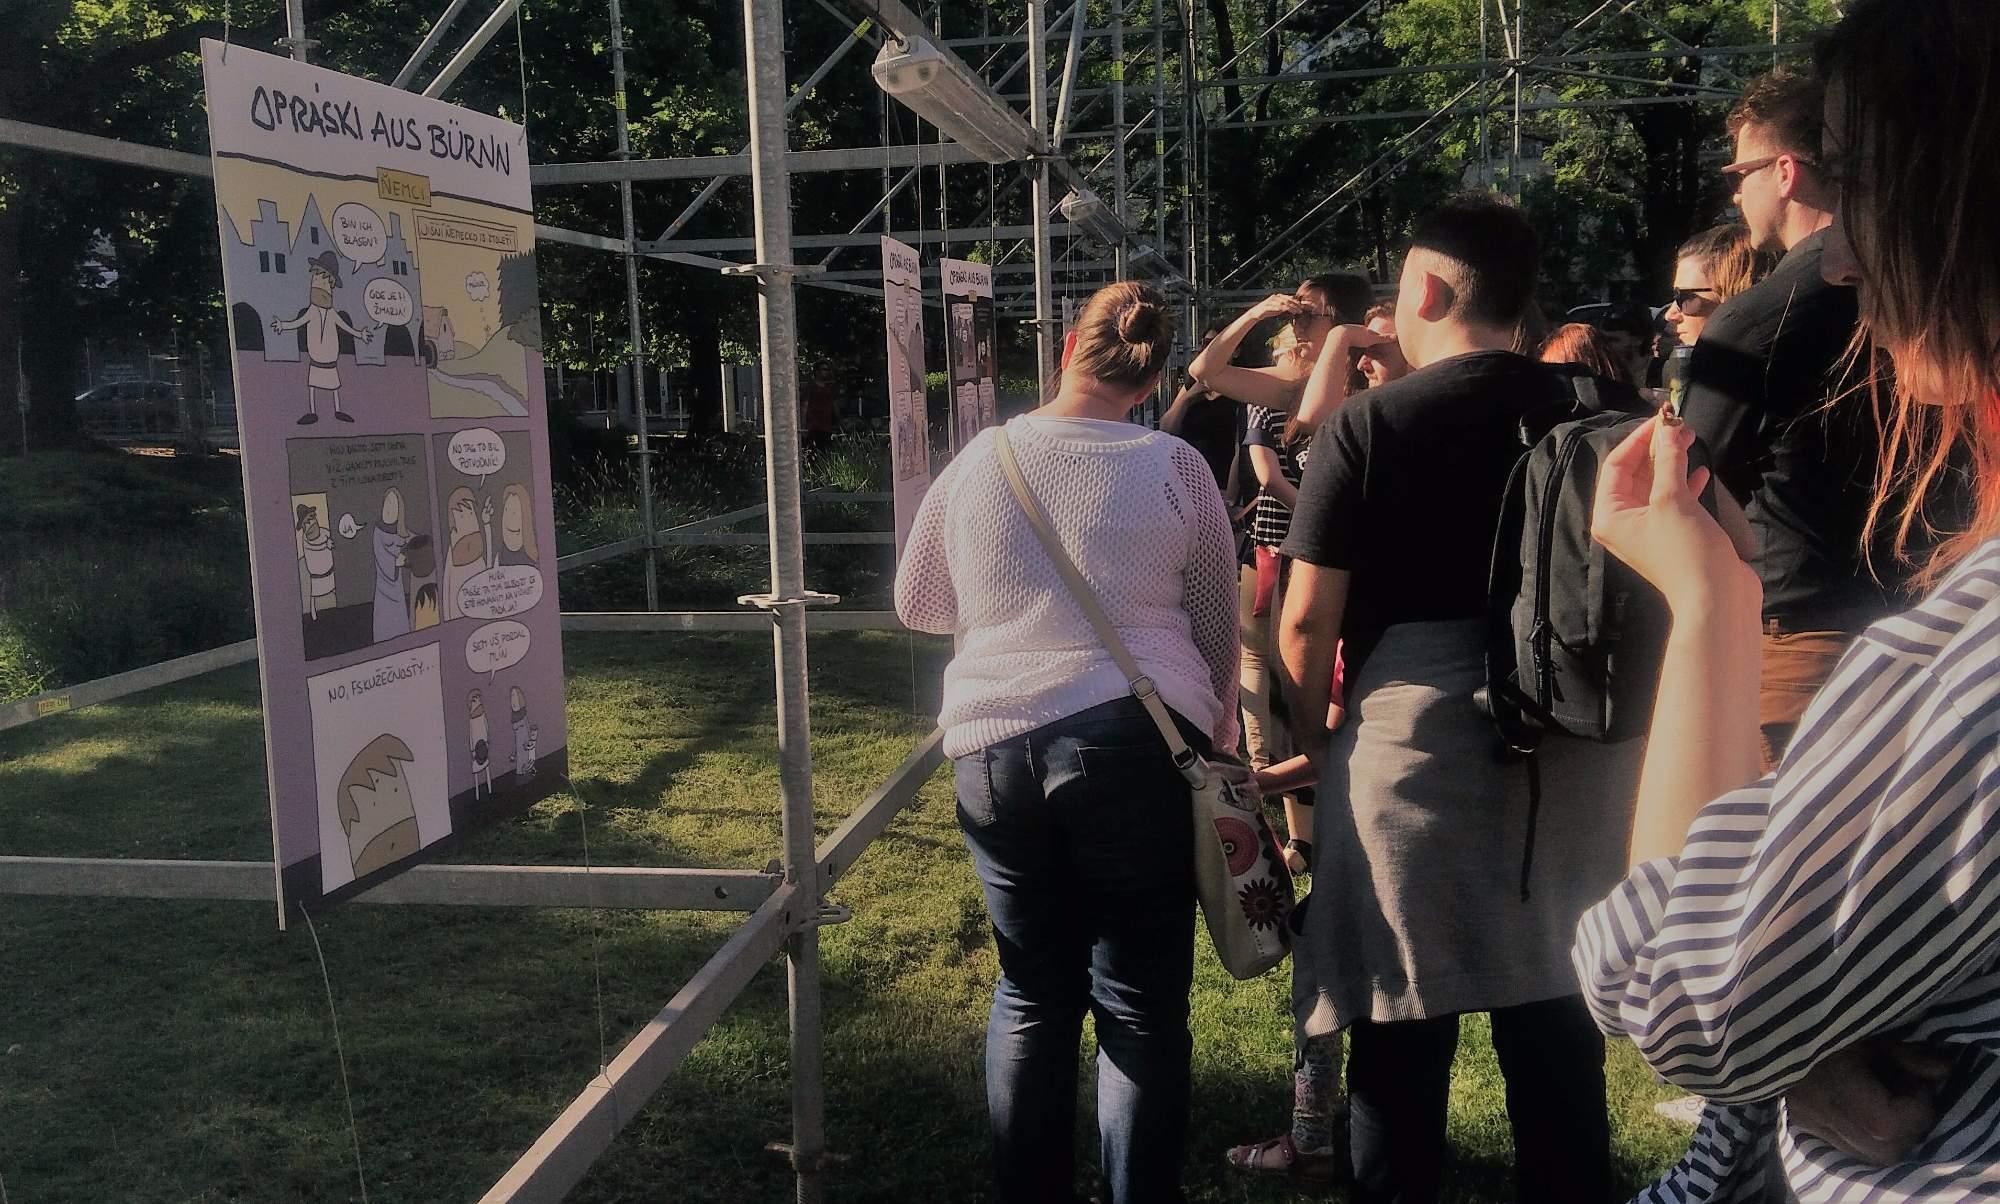 Návštěvníci výstavy si prohlíží nové komiksy z dílny Jaze. Foto: Kristýna Kucharčíková